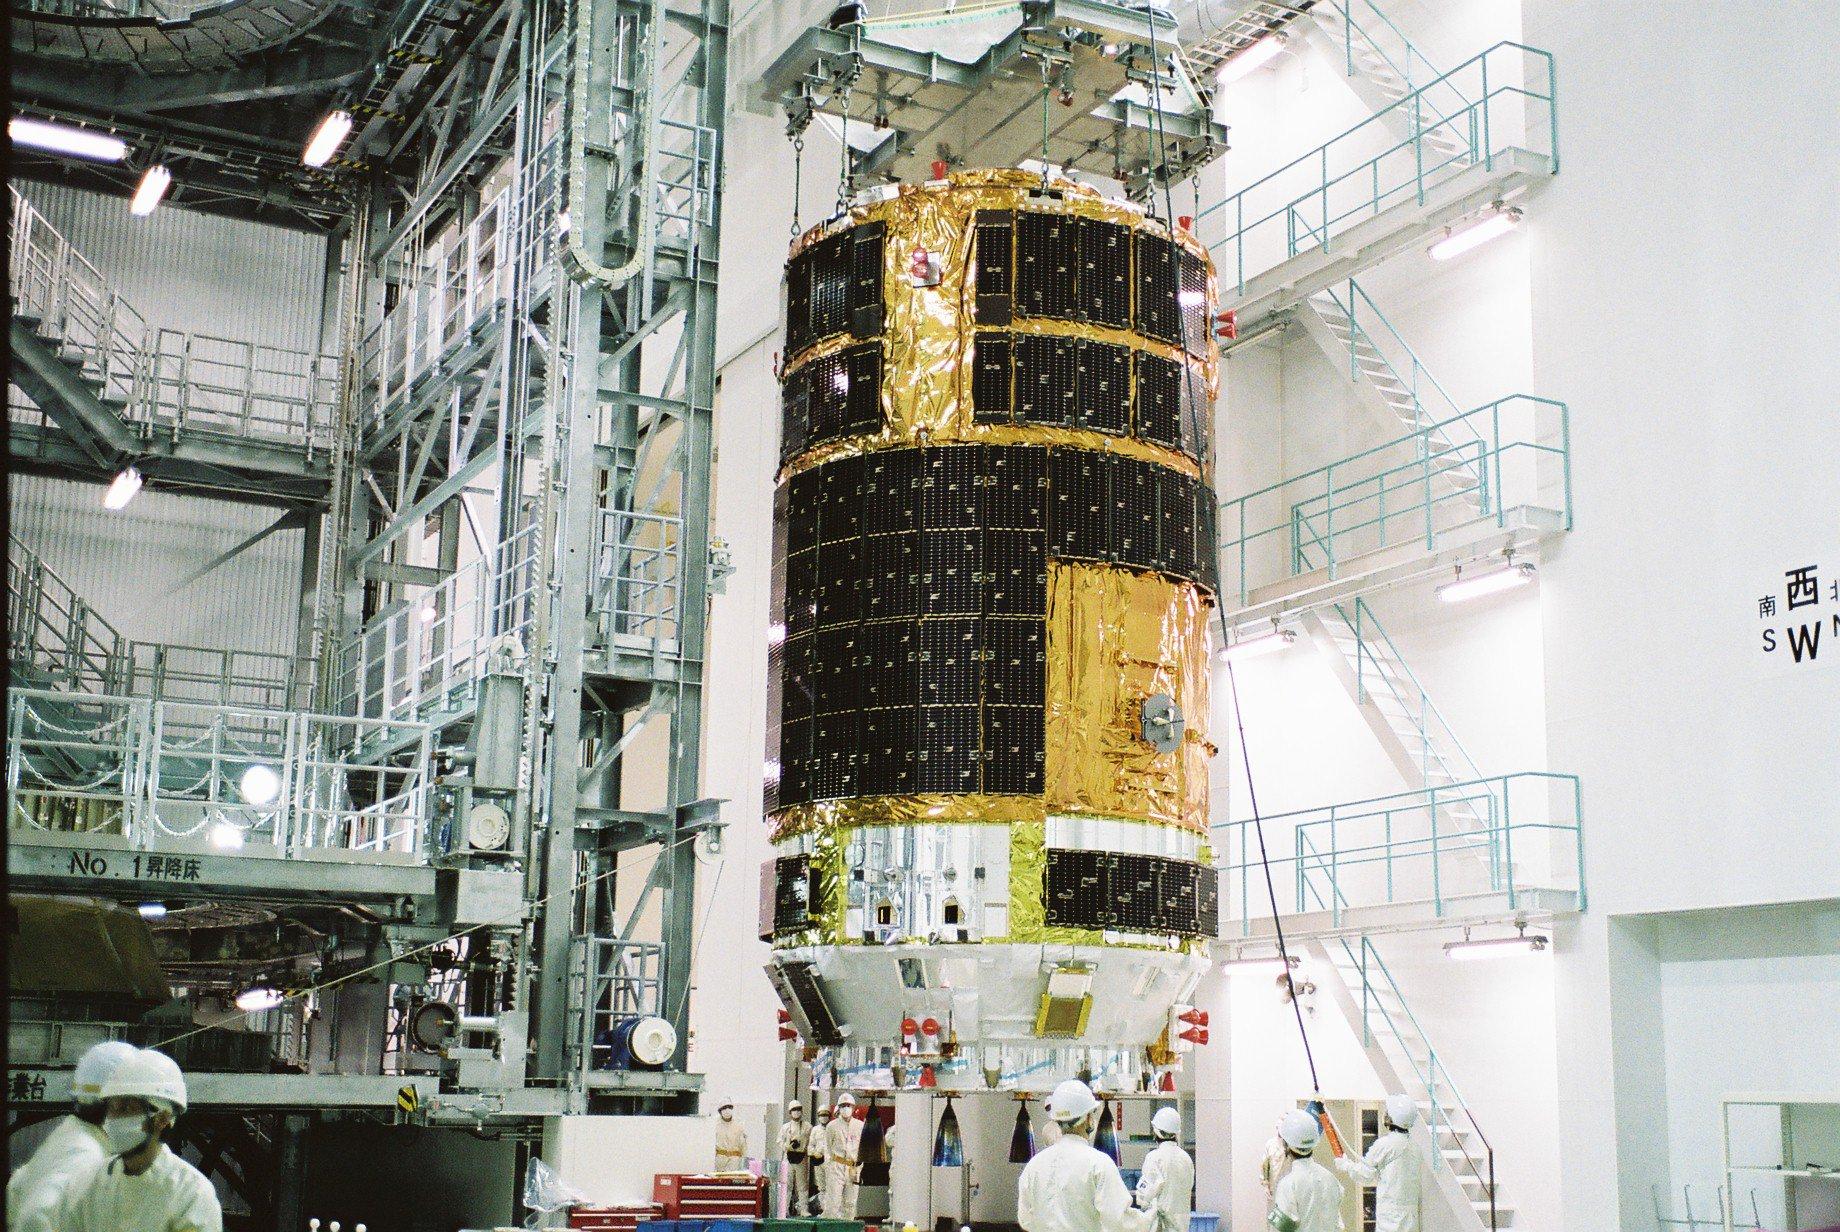 [Старт успешен] Где посмотреть запуск HTV-5 - 1